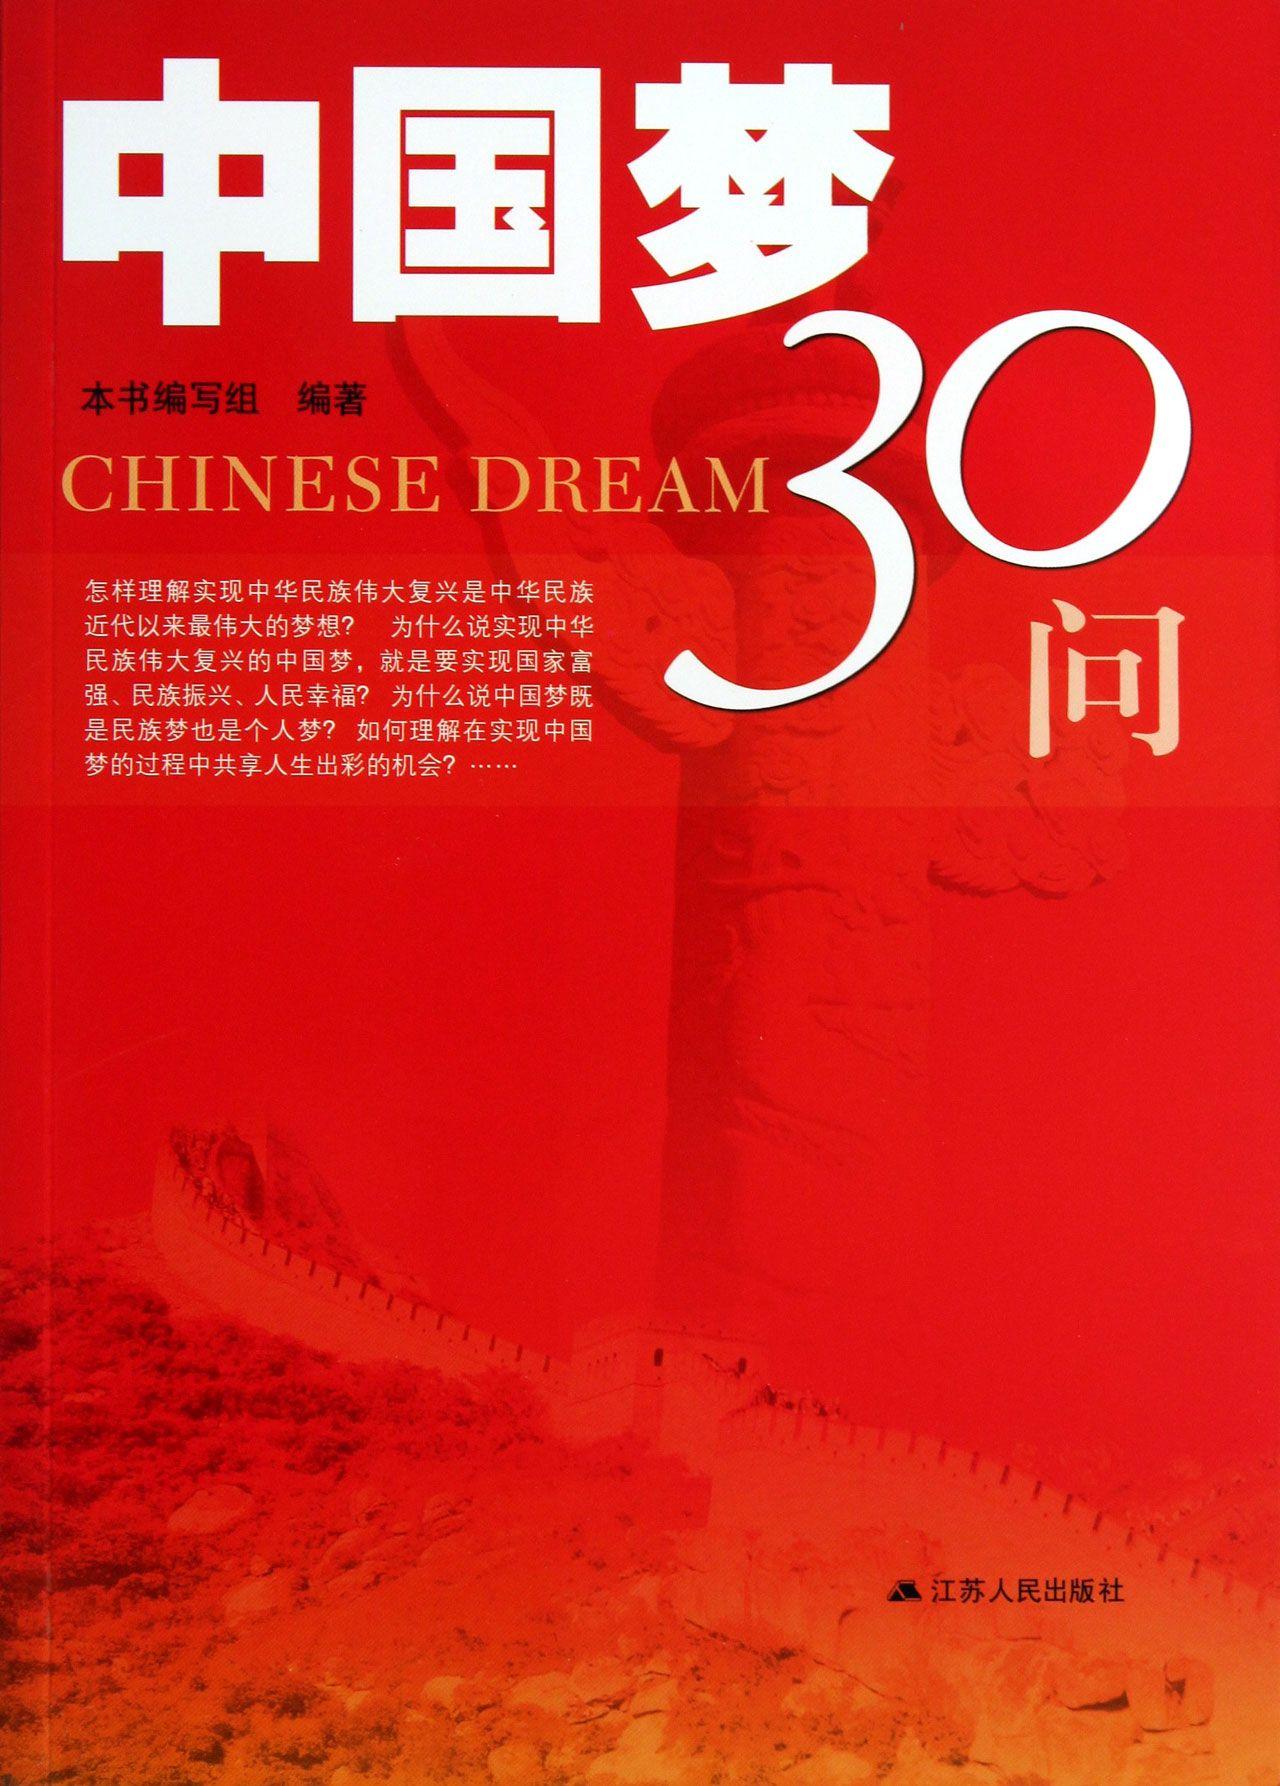 中国梦30问-博库网